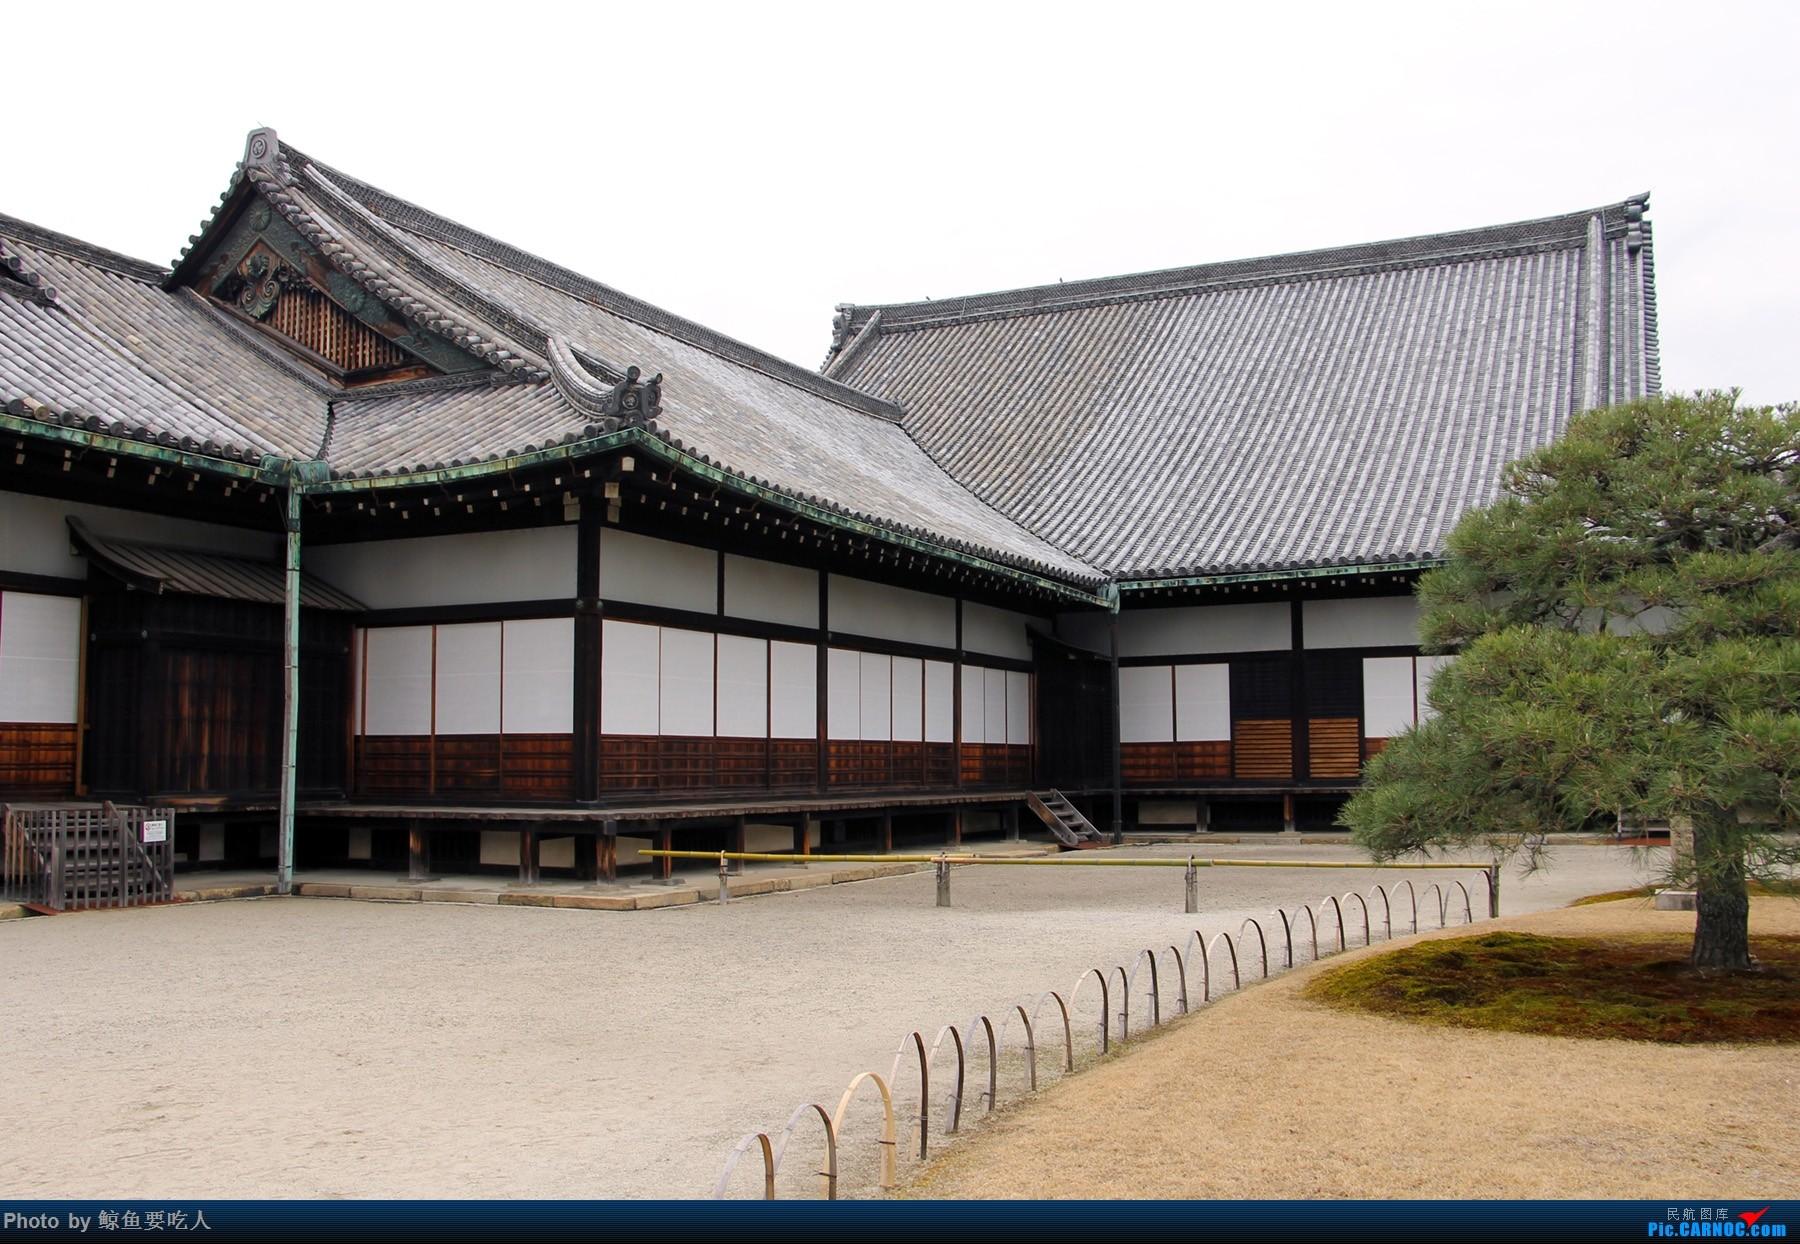 Re:[原创]1800*1200 【ITM】【KIX】日本关西五日自由行,大阪+京都+奈良